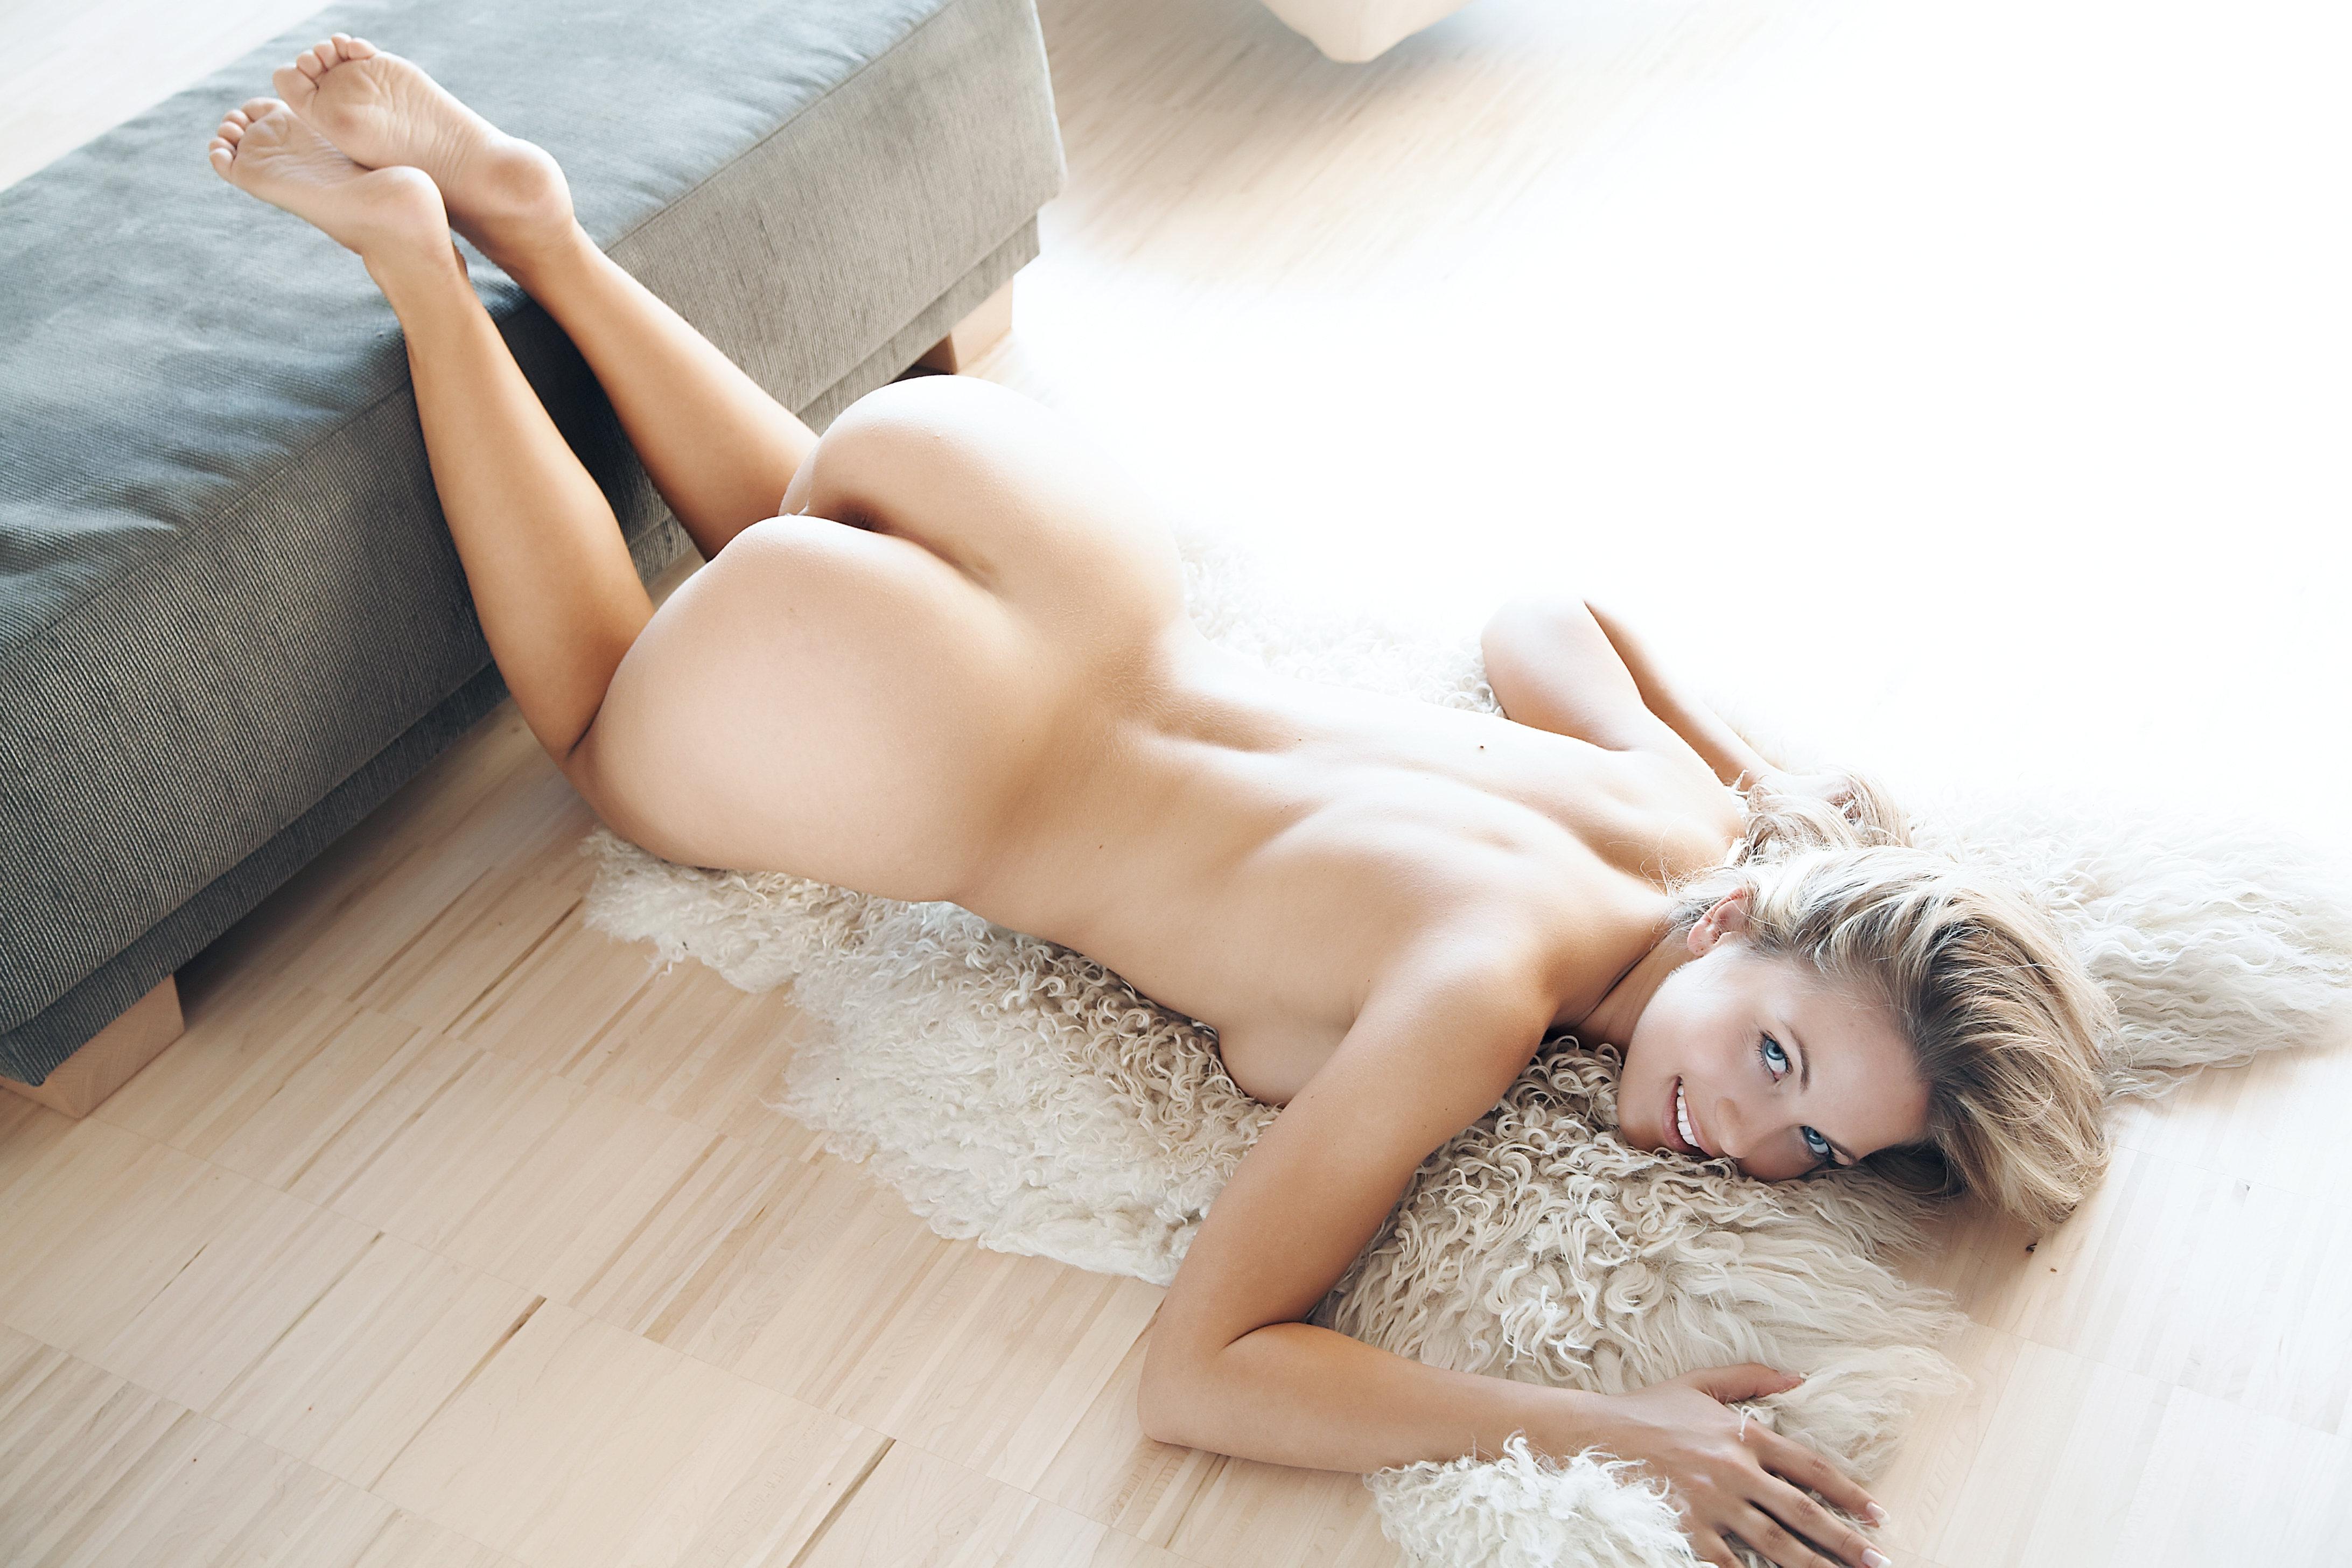 Секс услуги в обнинске 3 фотография